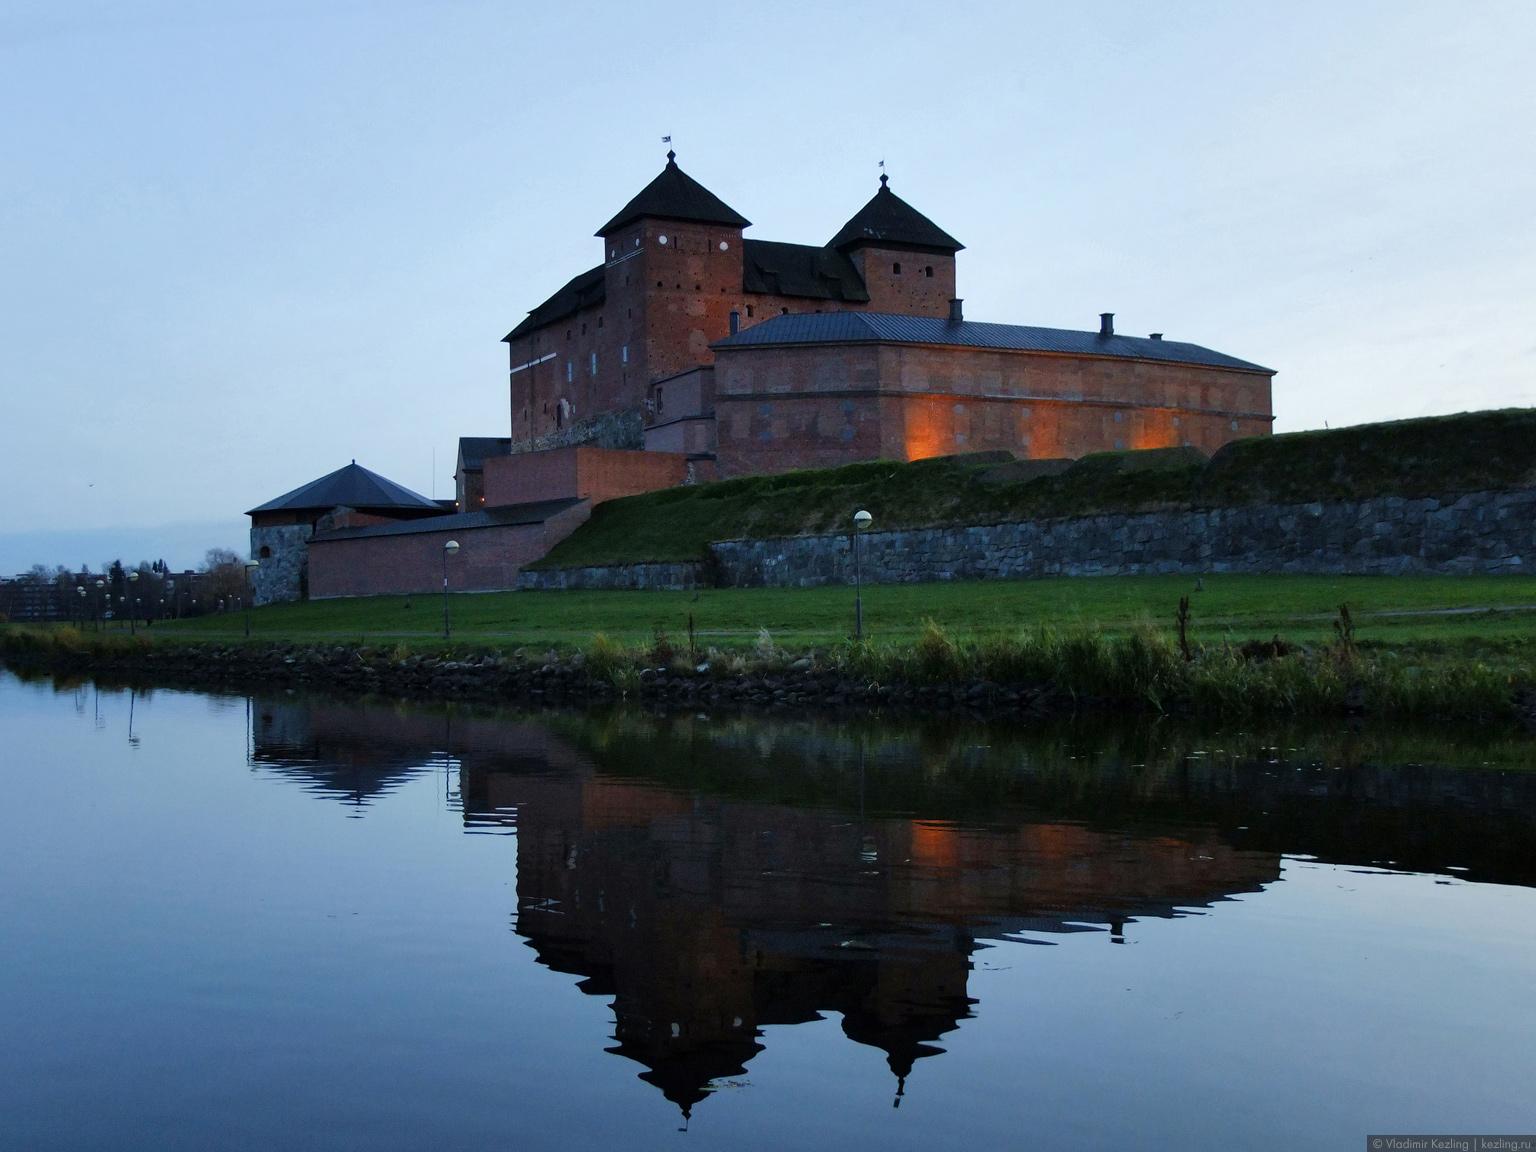 Юго-западная Финляндия. Крепость Хямеэнлинна